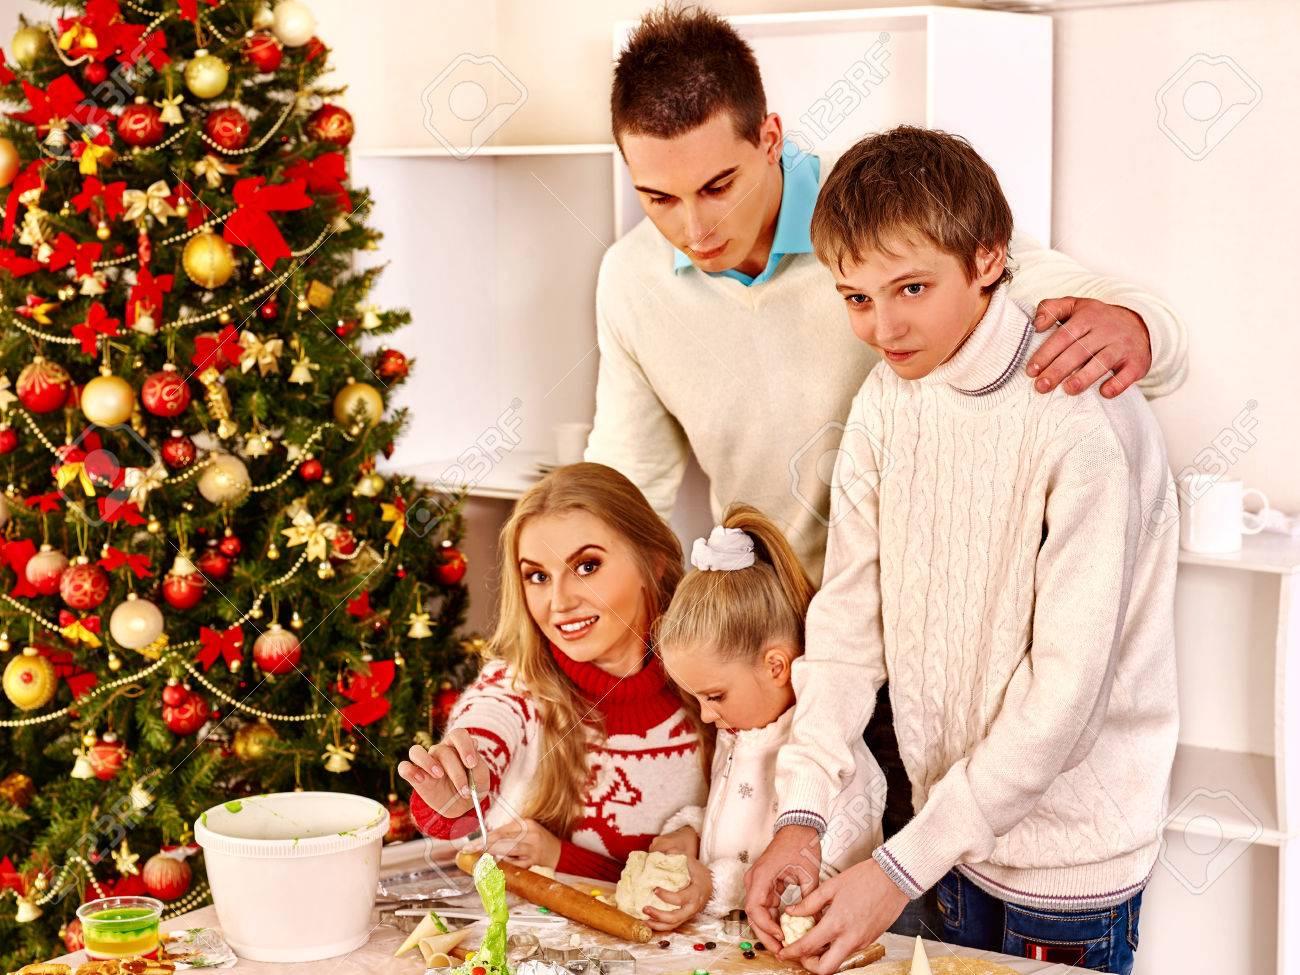 Glückliche Familie Mit Zwei Kindern Teig In Weihnachts Küche Rollen ...